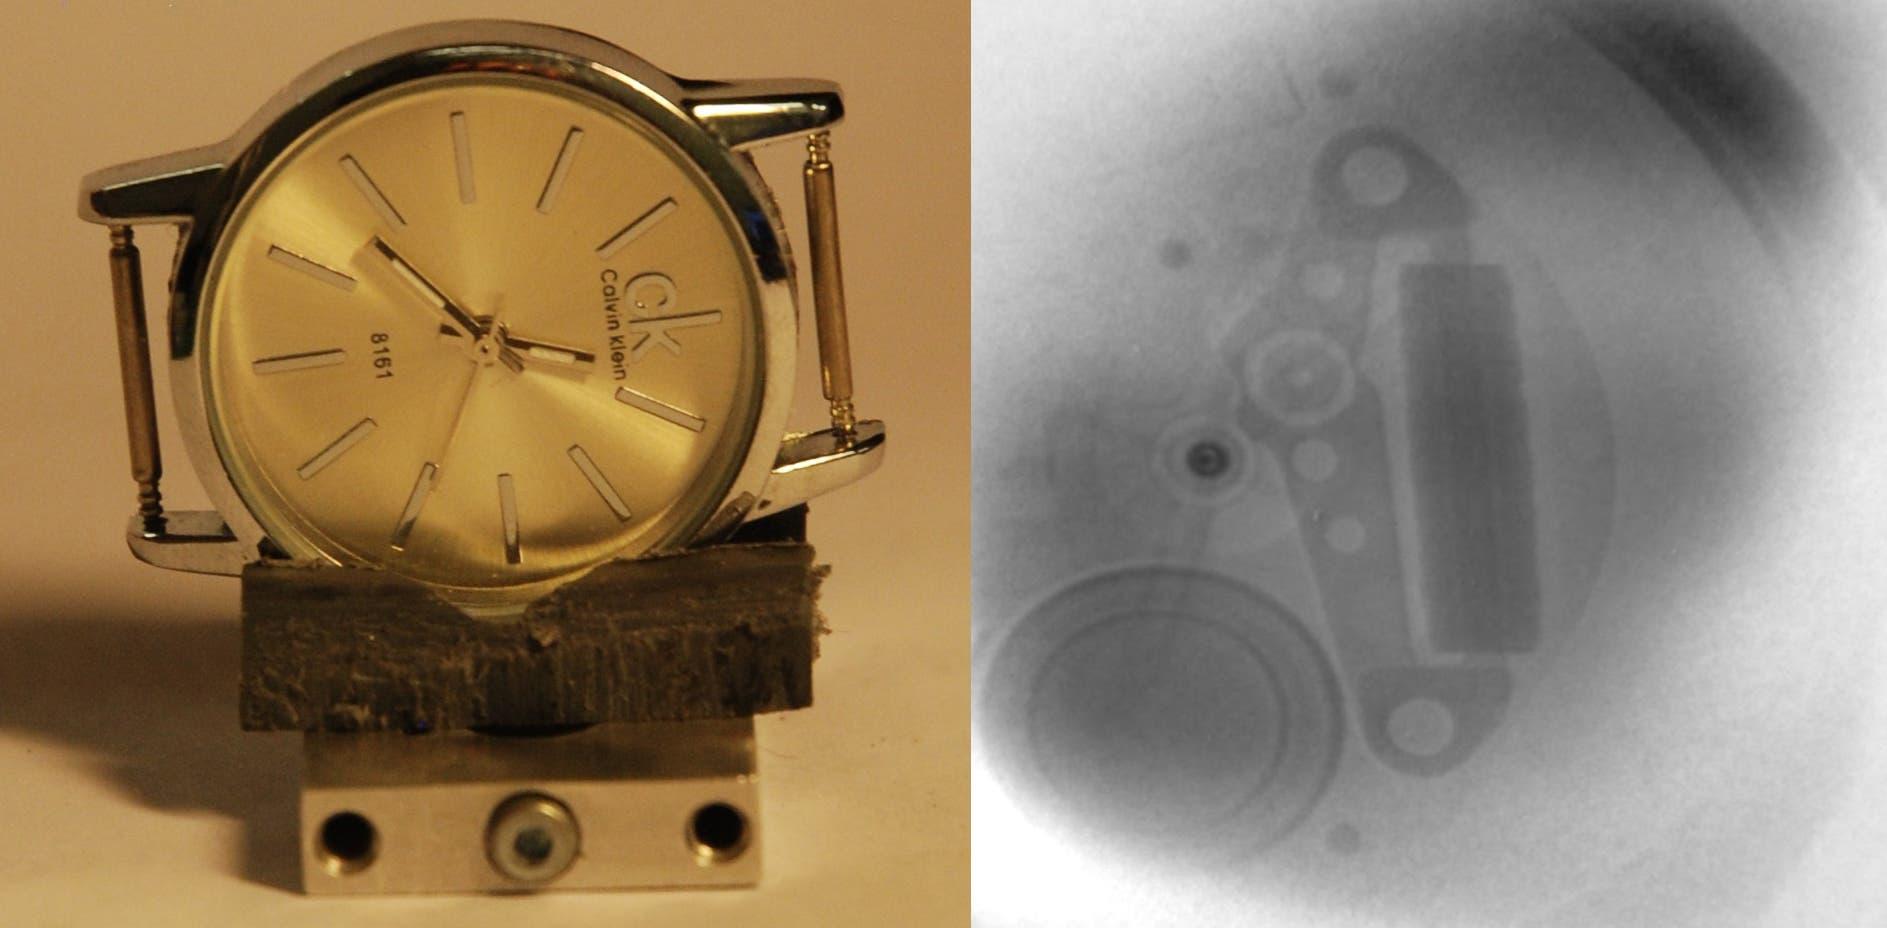 Mit Protonen durchleuchtete Uhr